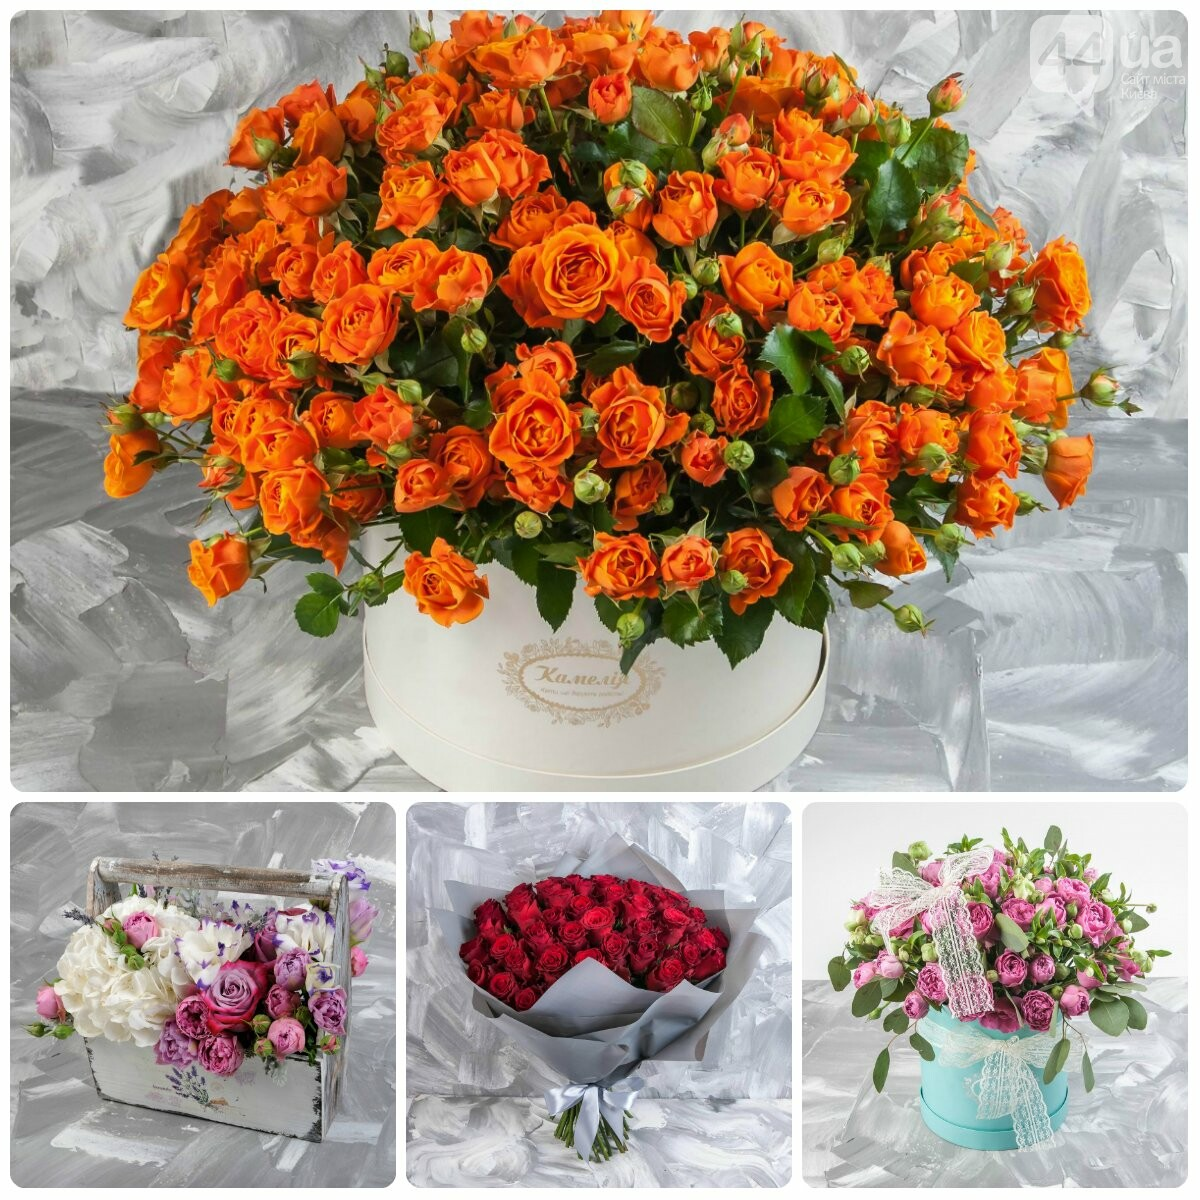 Доставка цветов в Киеве - где заказать?, фото-13